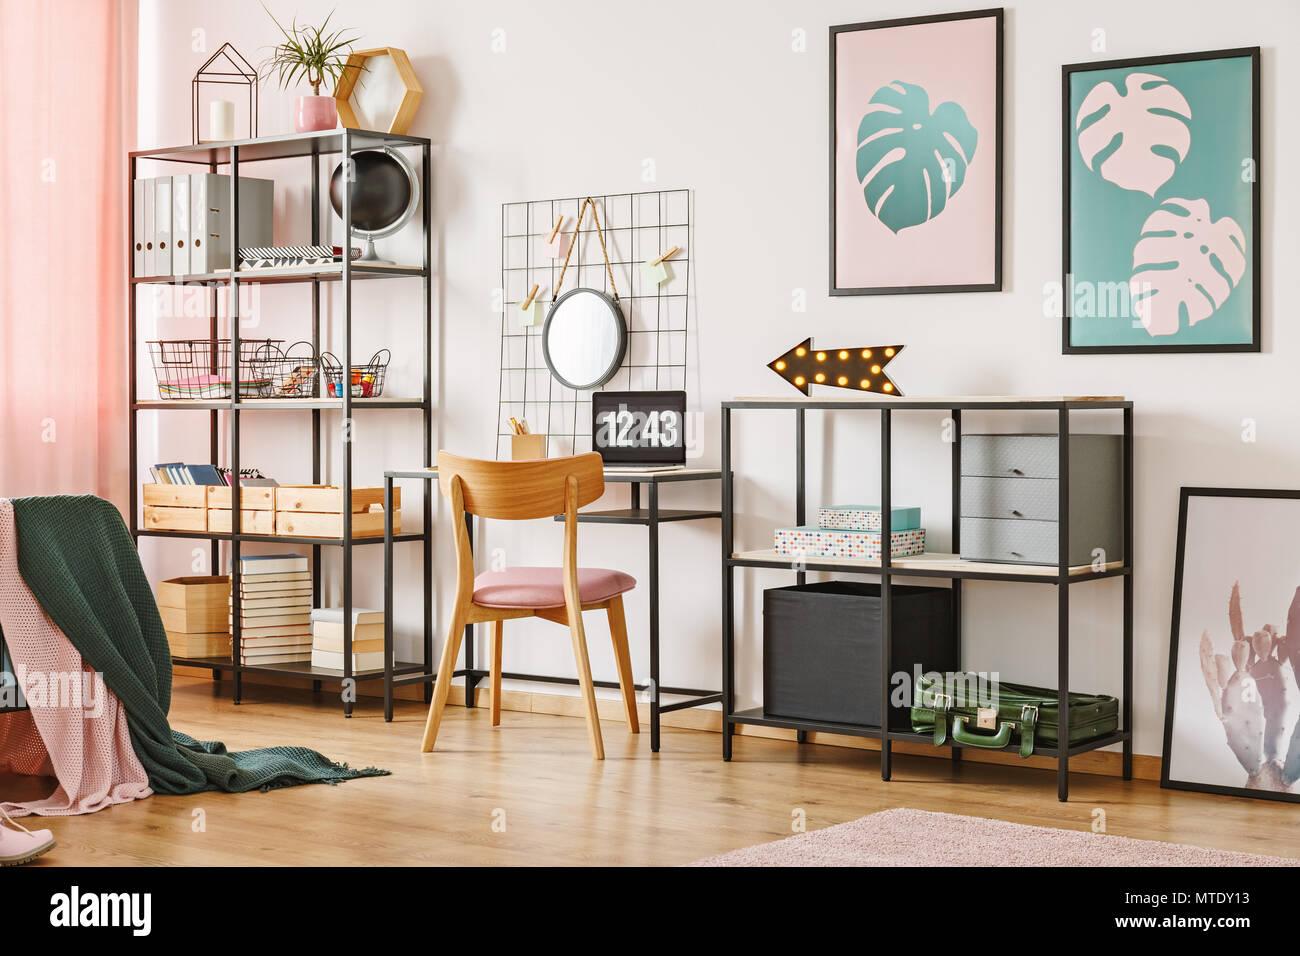 Chaise en bois un bureau et étagères noires avec des cases dans